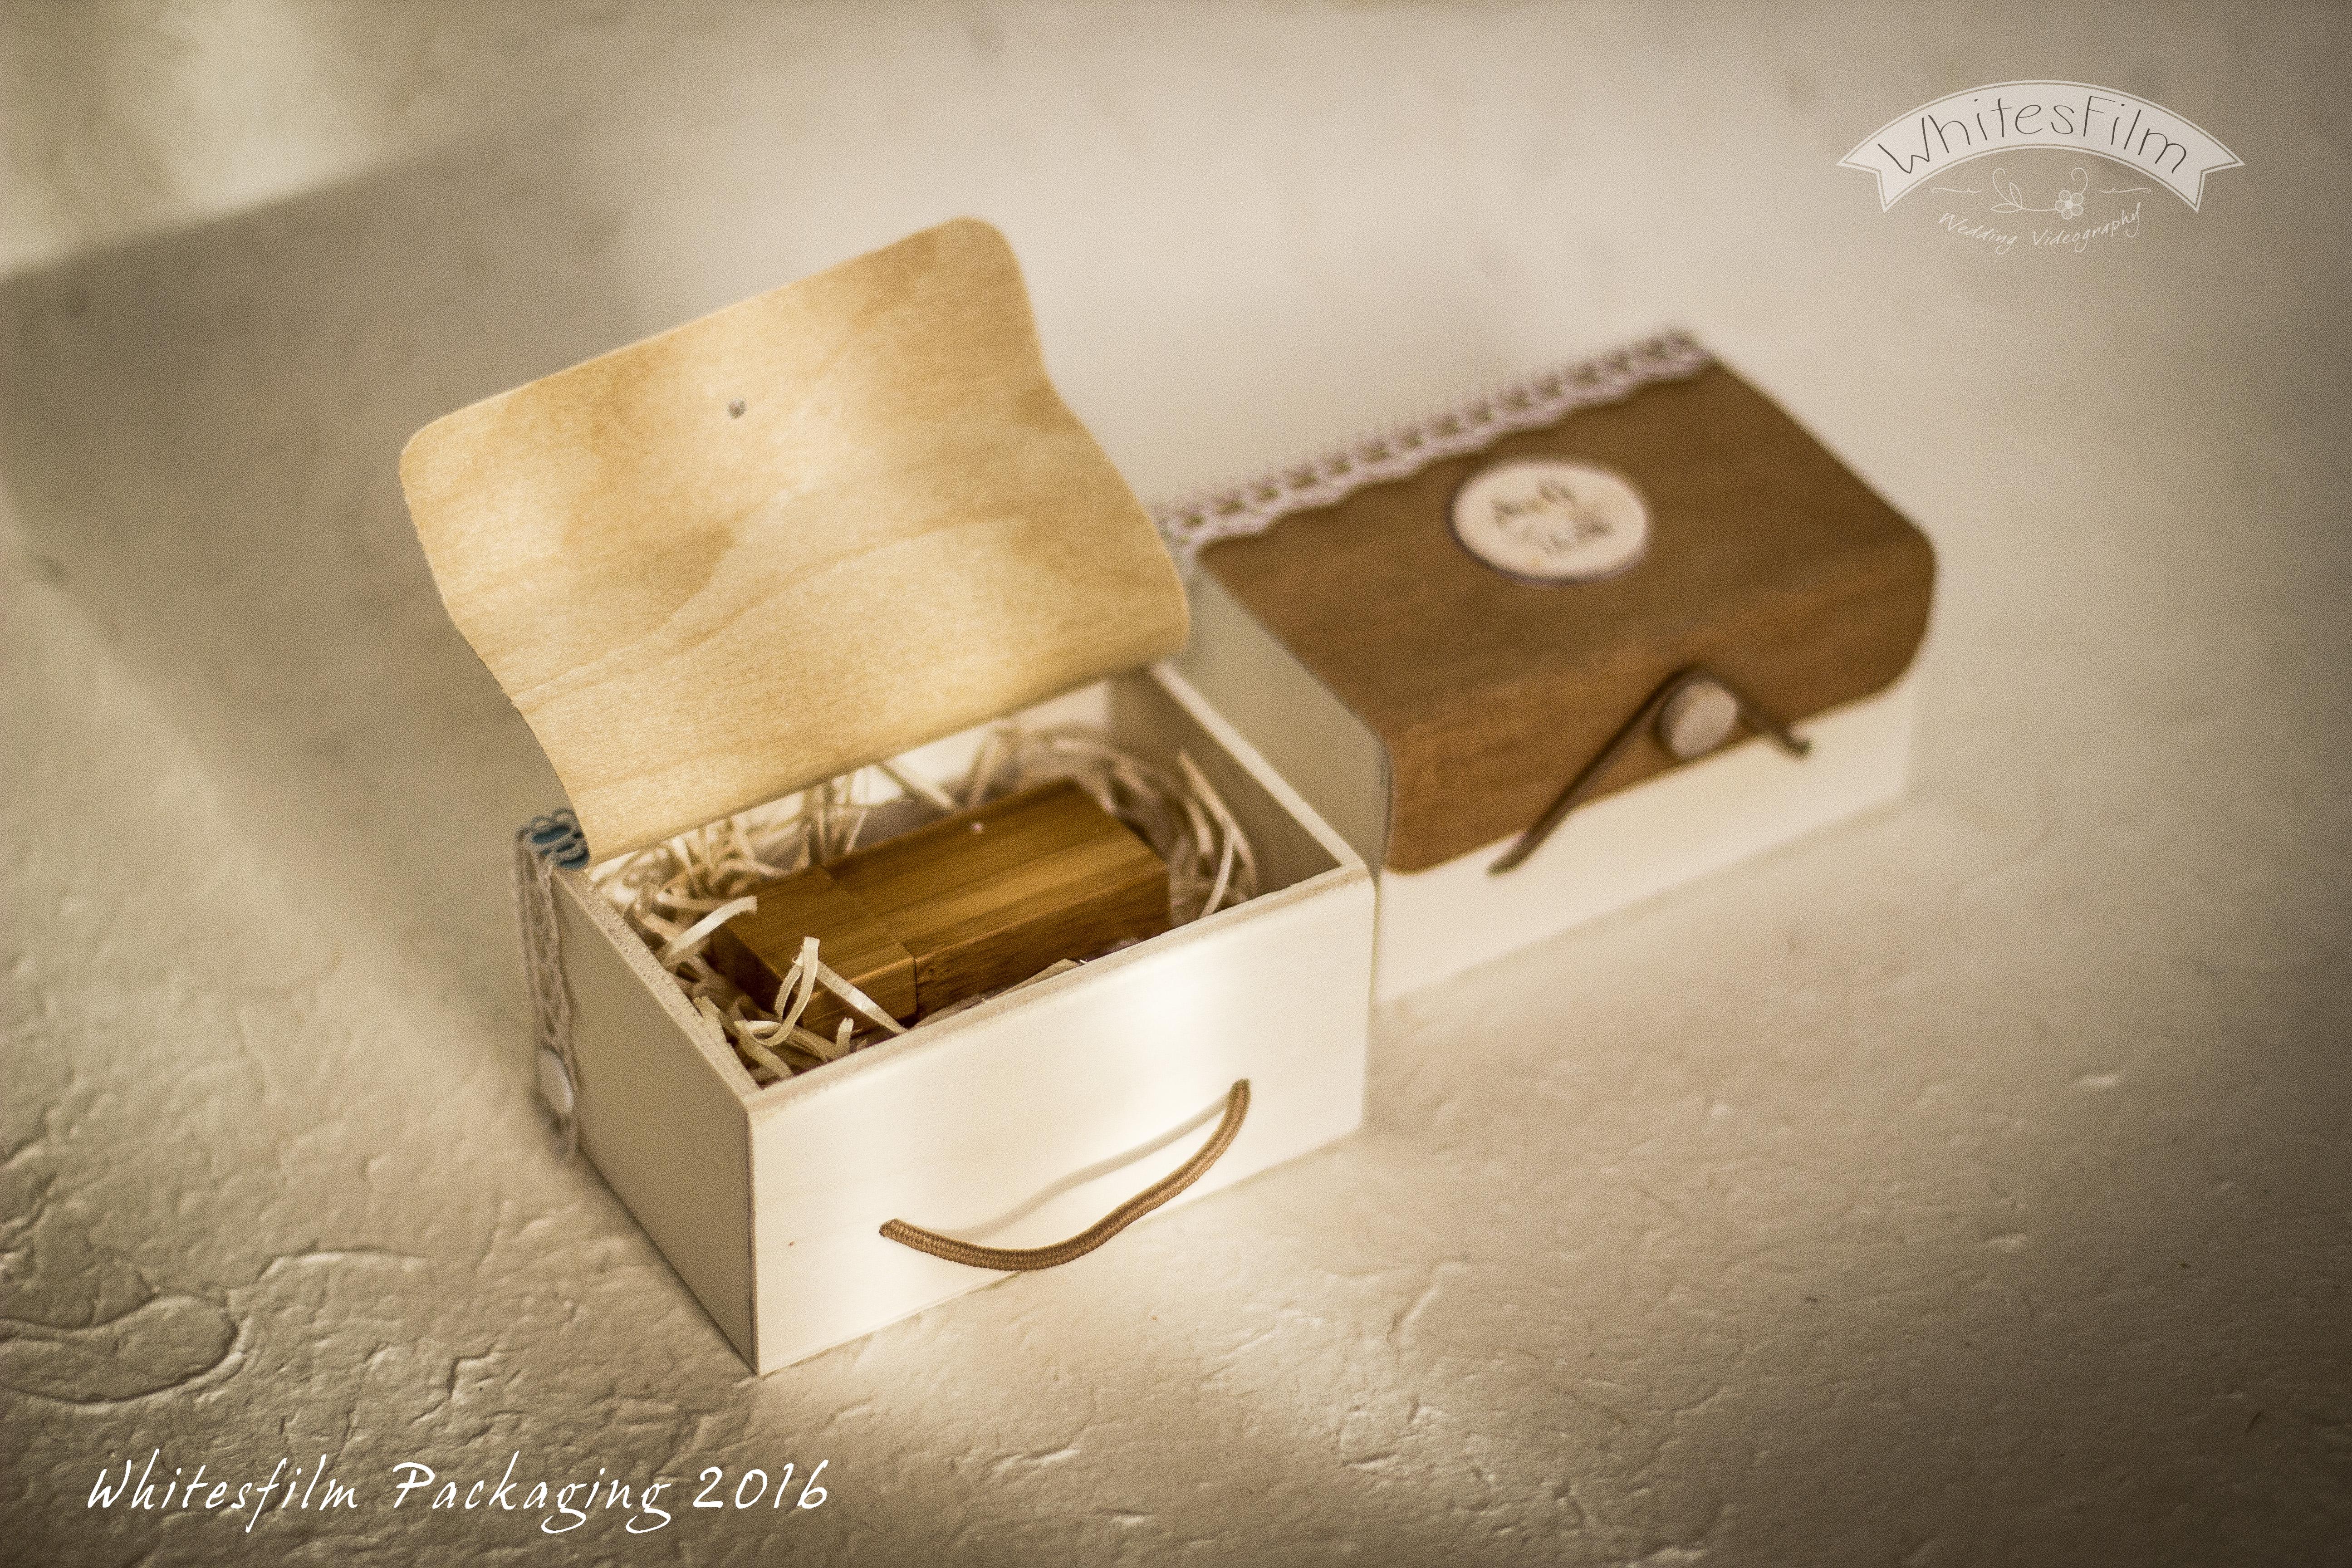 Whitesfilm packaging 2016